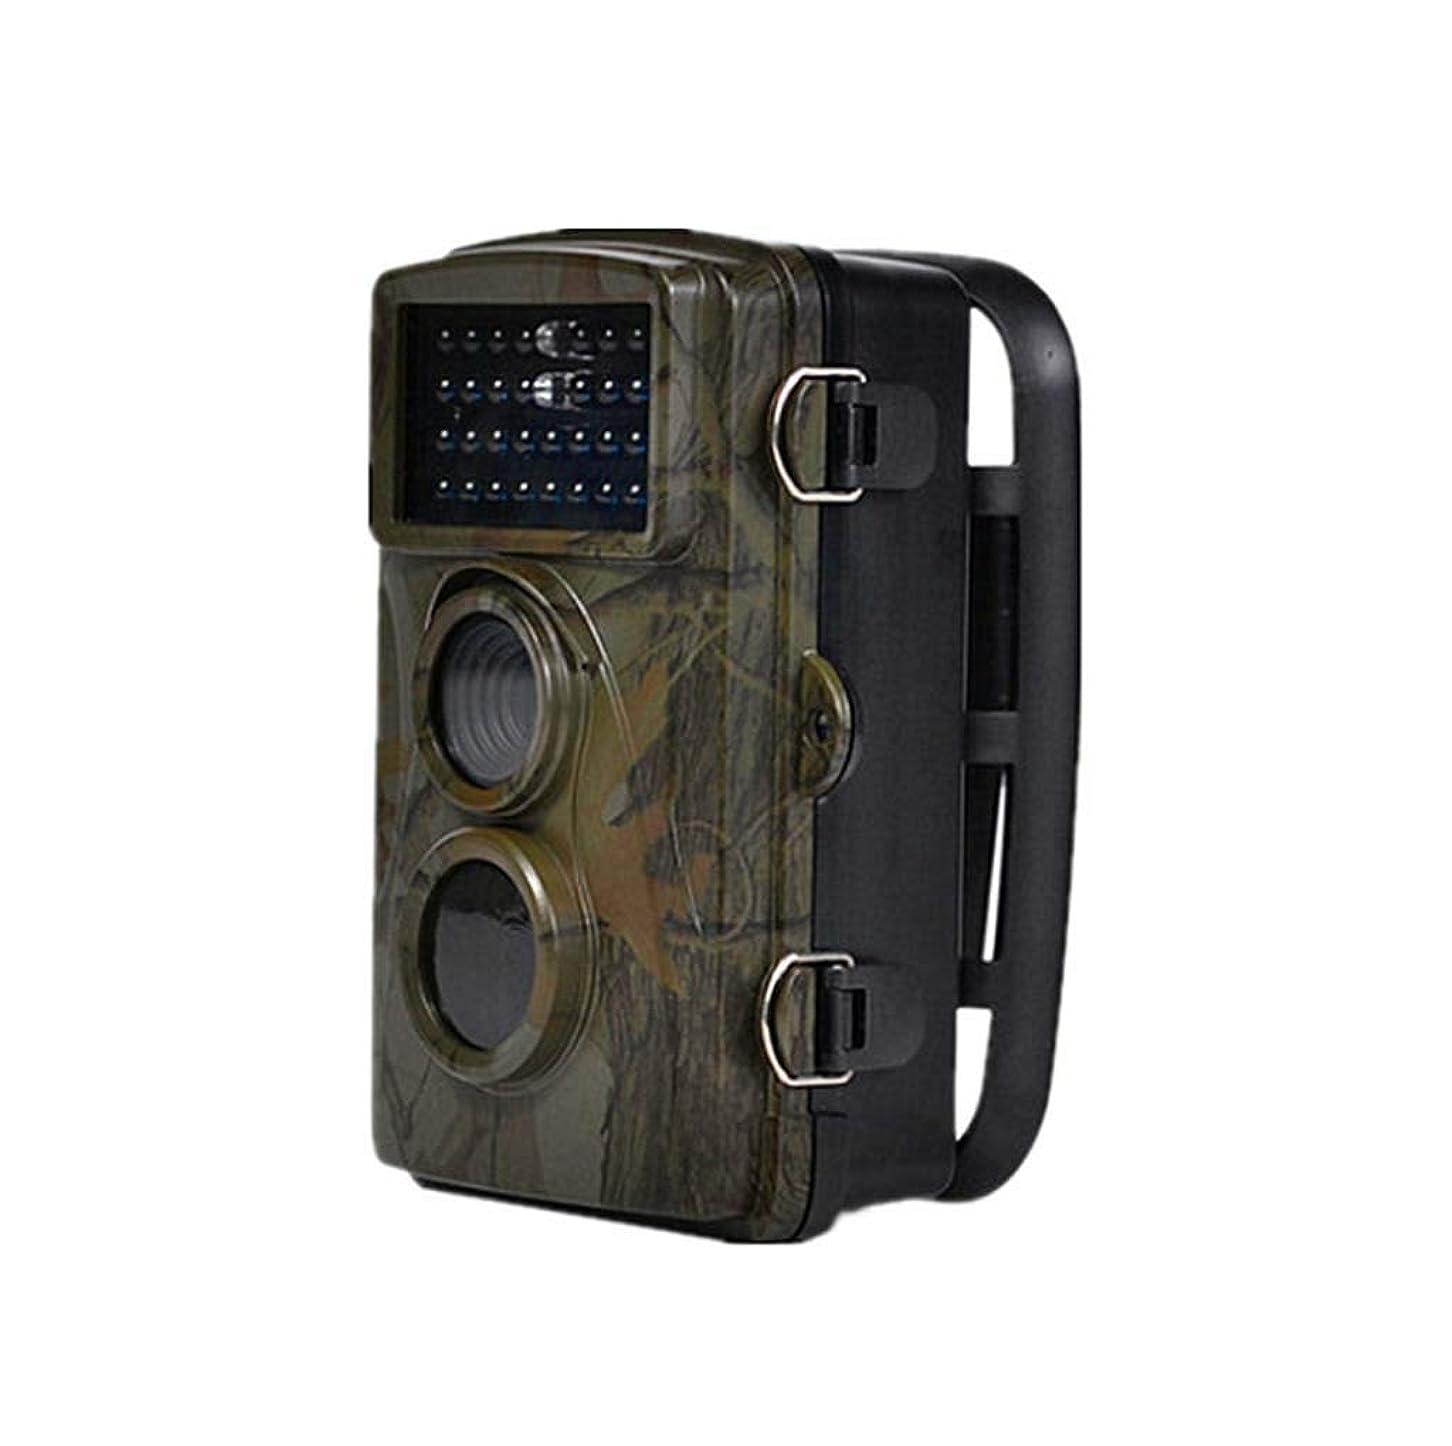 ポジション漂流実際野生動物用カメラ、2.4インチ液晶ディスプレイ、12MP 1080 Pトレイルゲームカメラ、赤外線モーションナイトビジョン20 m IP 56付き野生生物狩猟およびホームセキュリティ